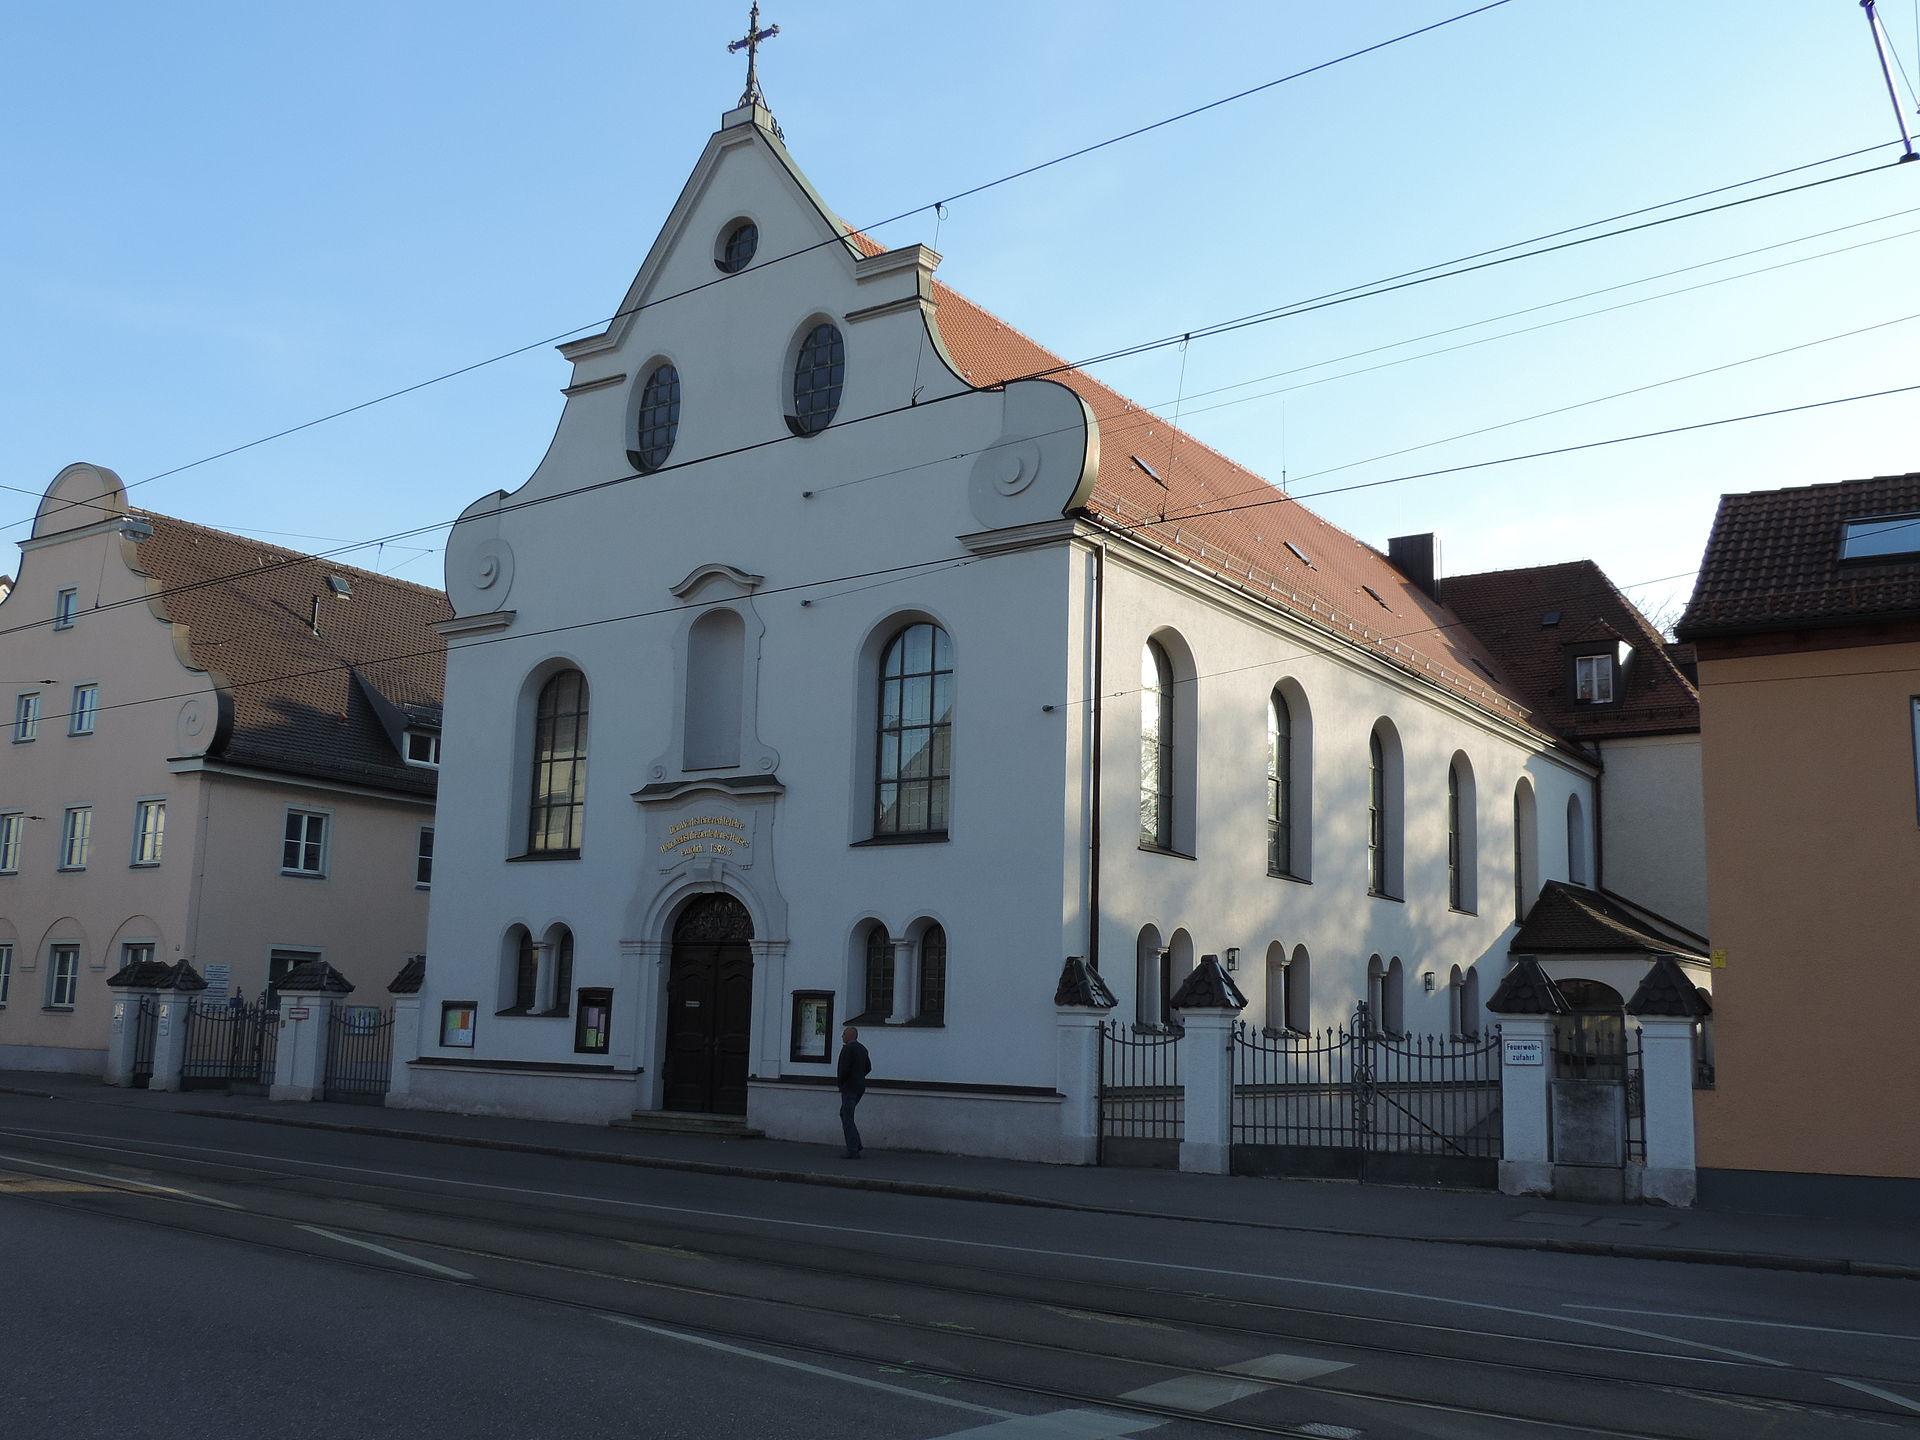 Liste der Baudenkmäler in Augsburg-Lechhausen – Wikipedia